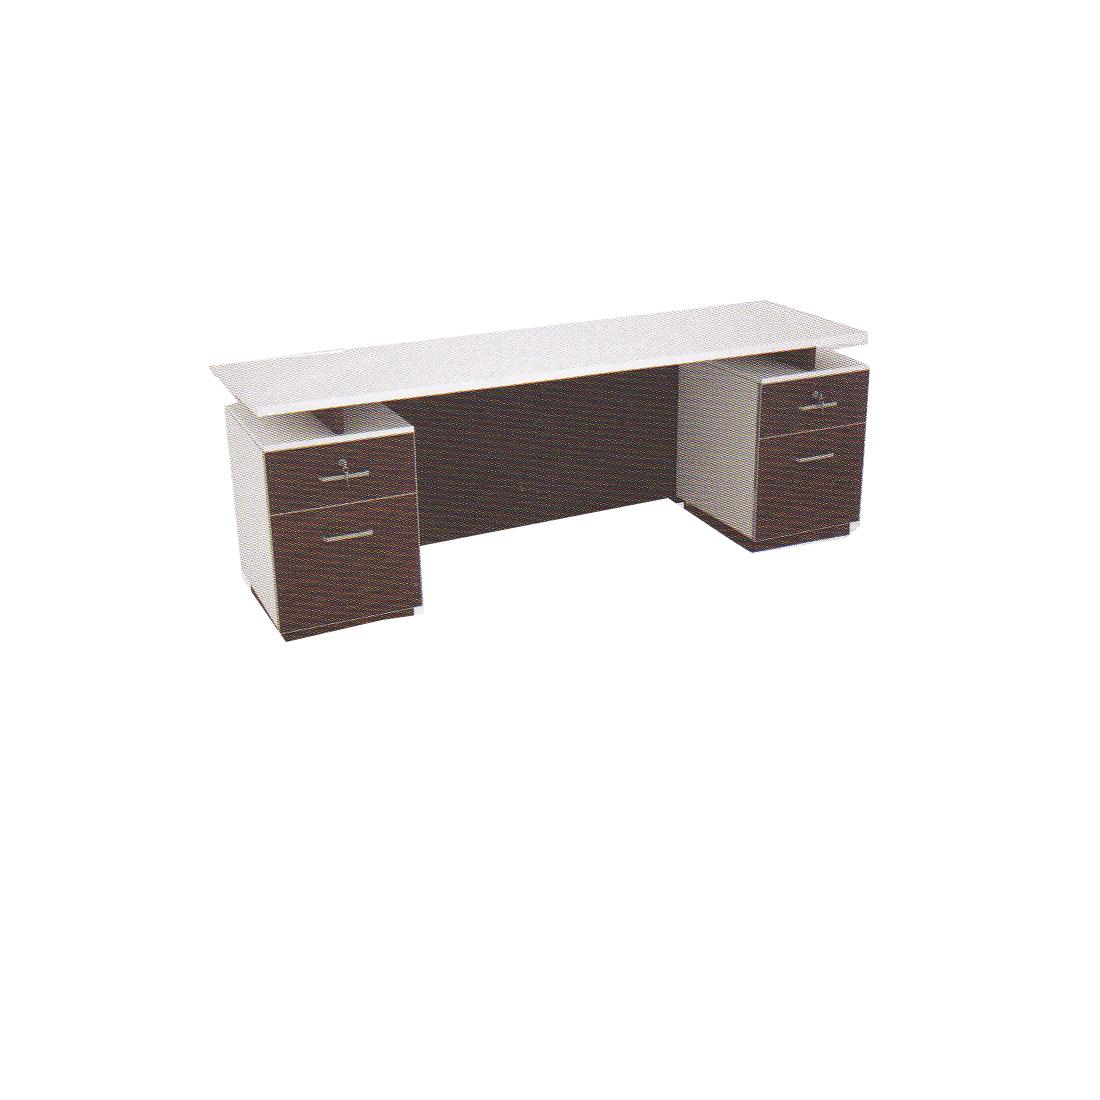 โต๊ะทำงาน 1.80 ม. 2 ลช. ซ้าย-ขวา TDK-P1822